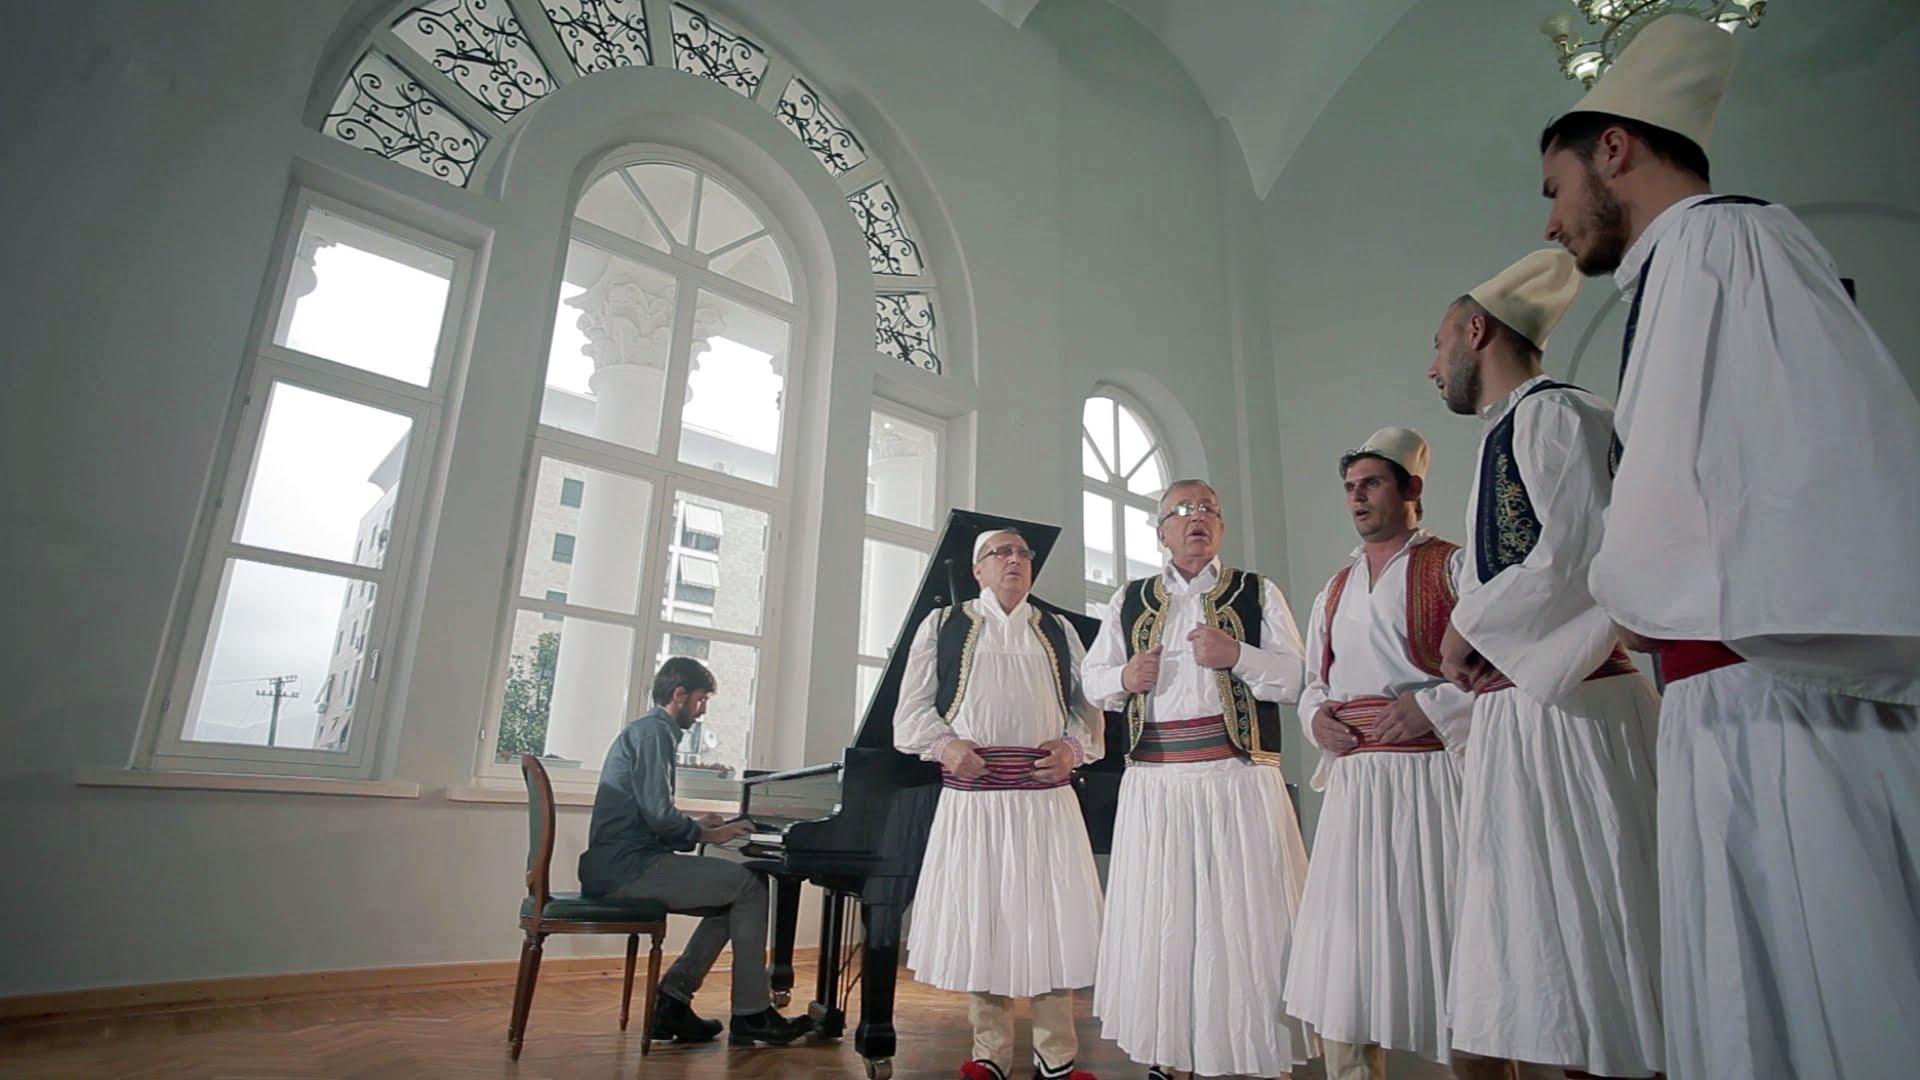 Isopolifonia Robert Bisha & Albanian Iso-Polyphonic Choir